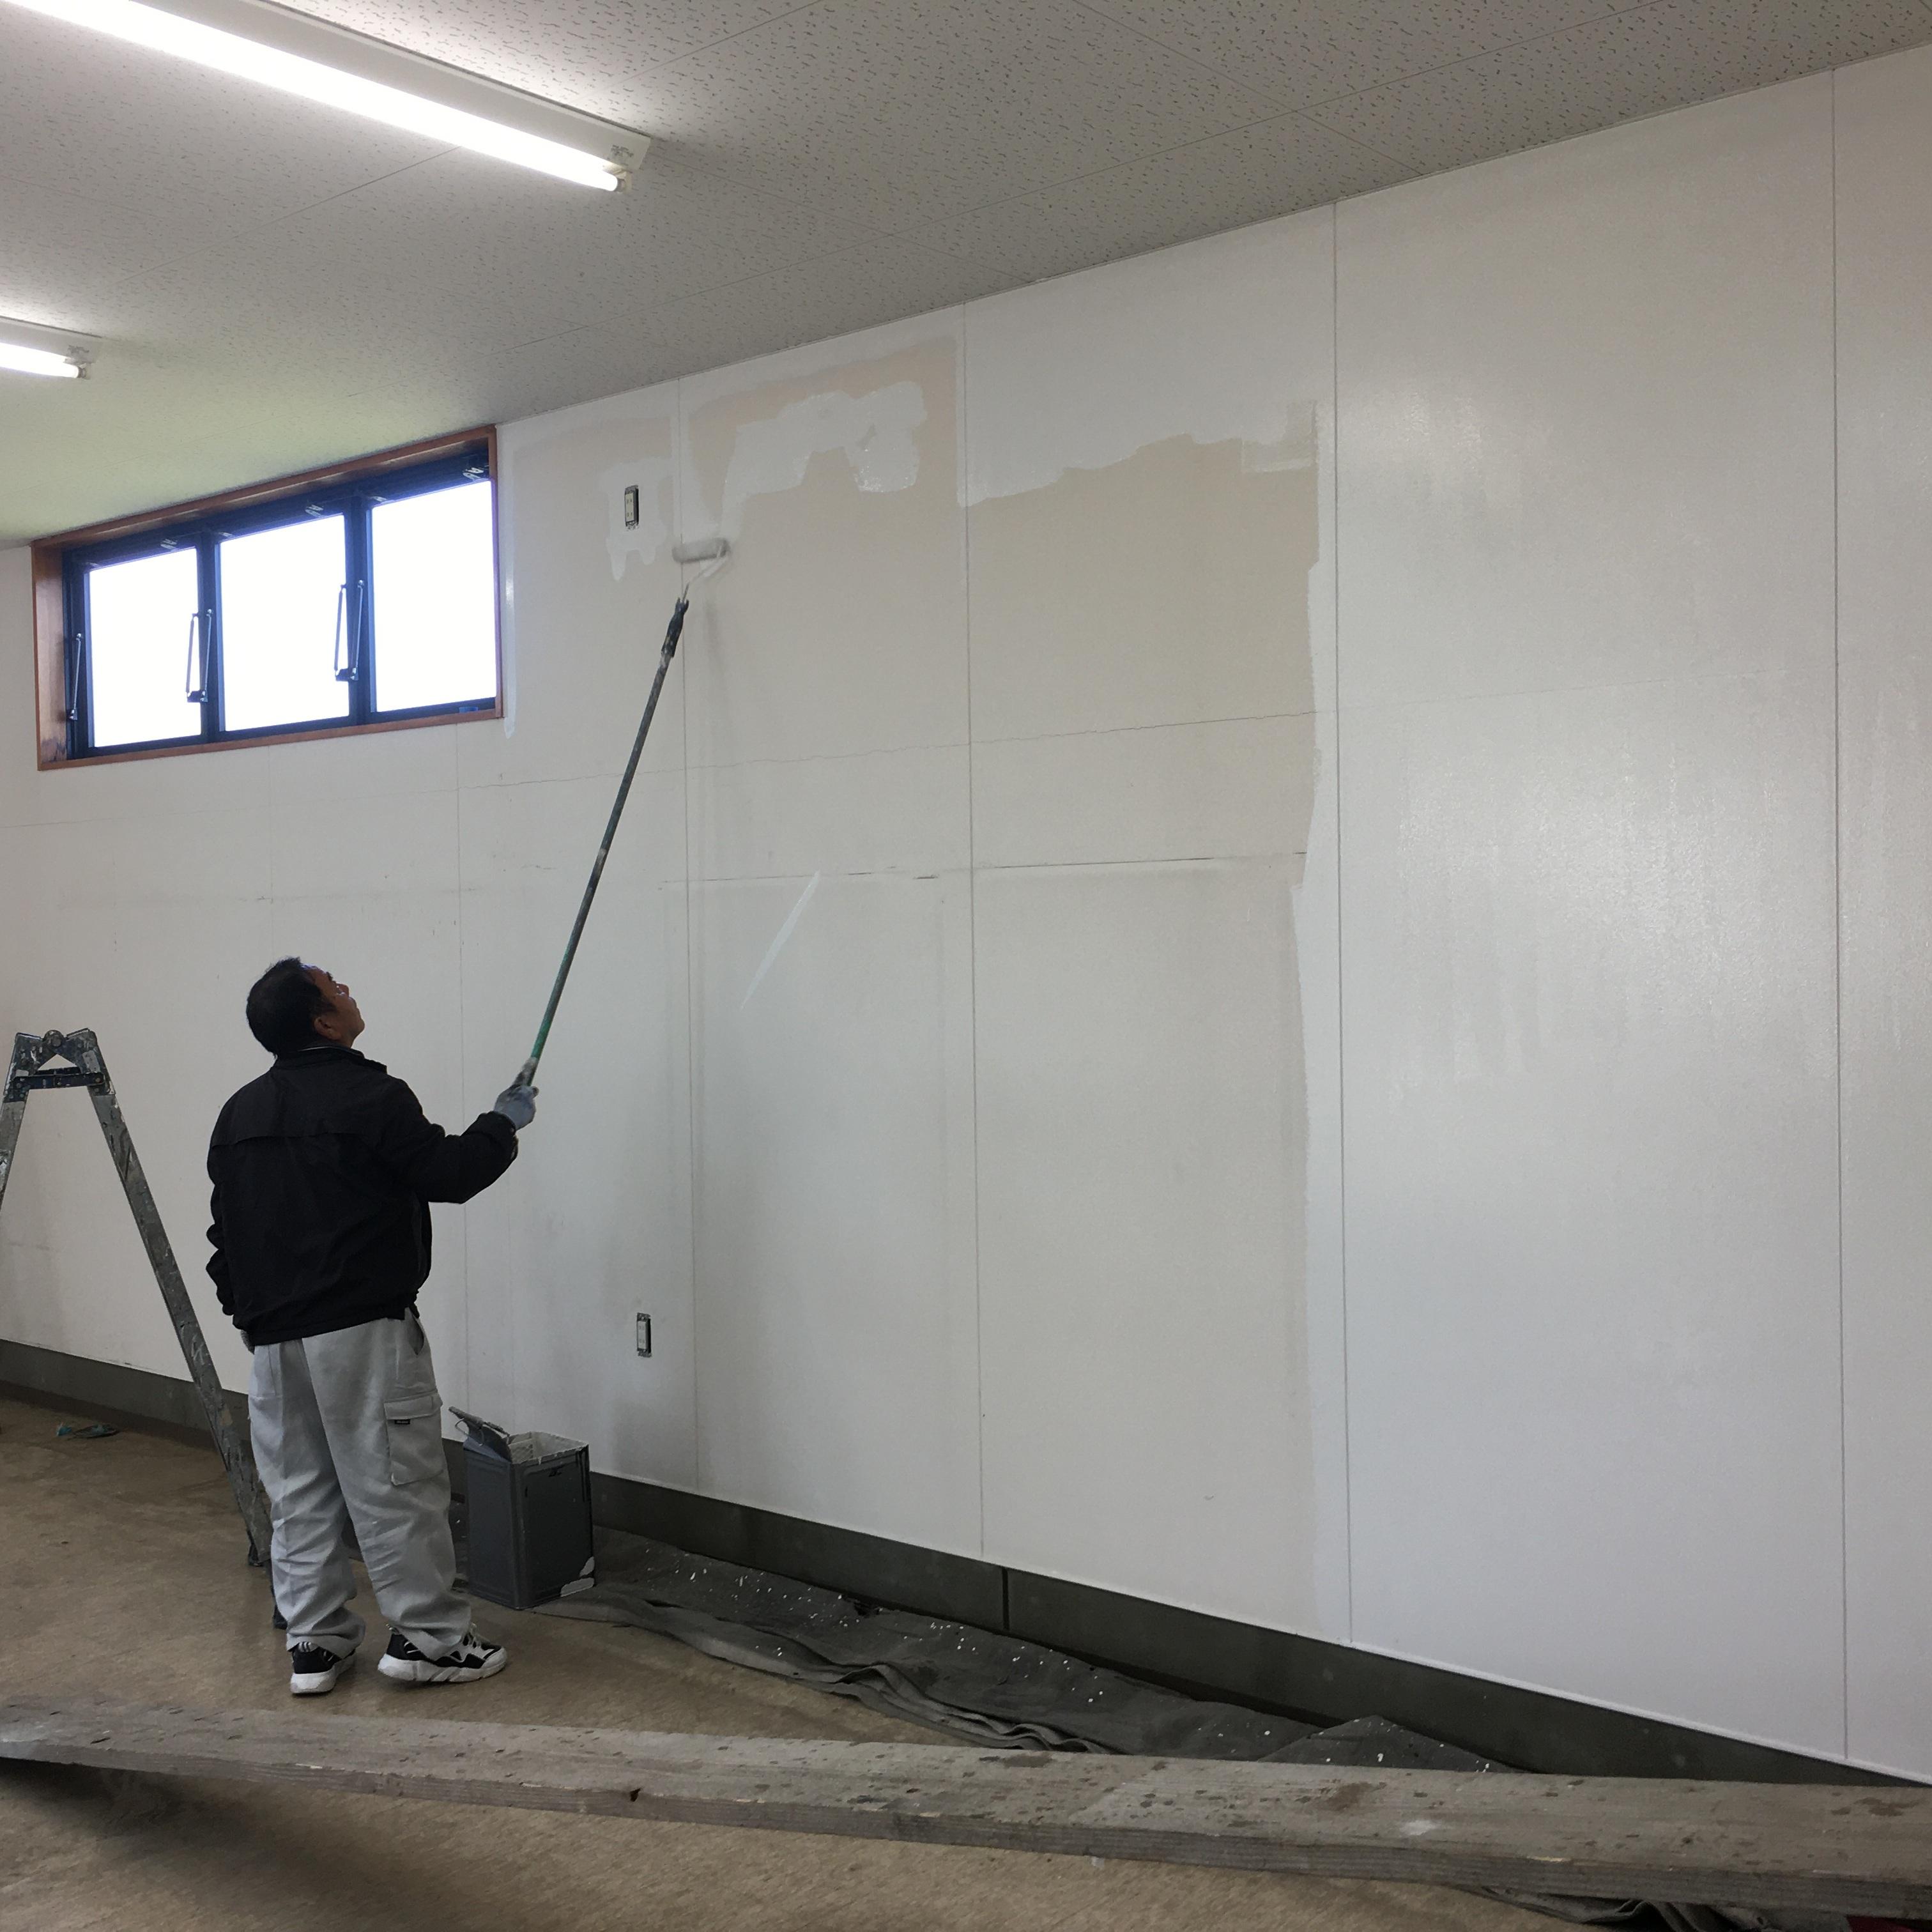 徳島・香川のオフィス内装工事|学習指導塾向け 内装リフォーム工事